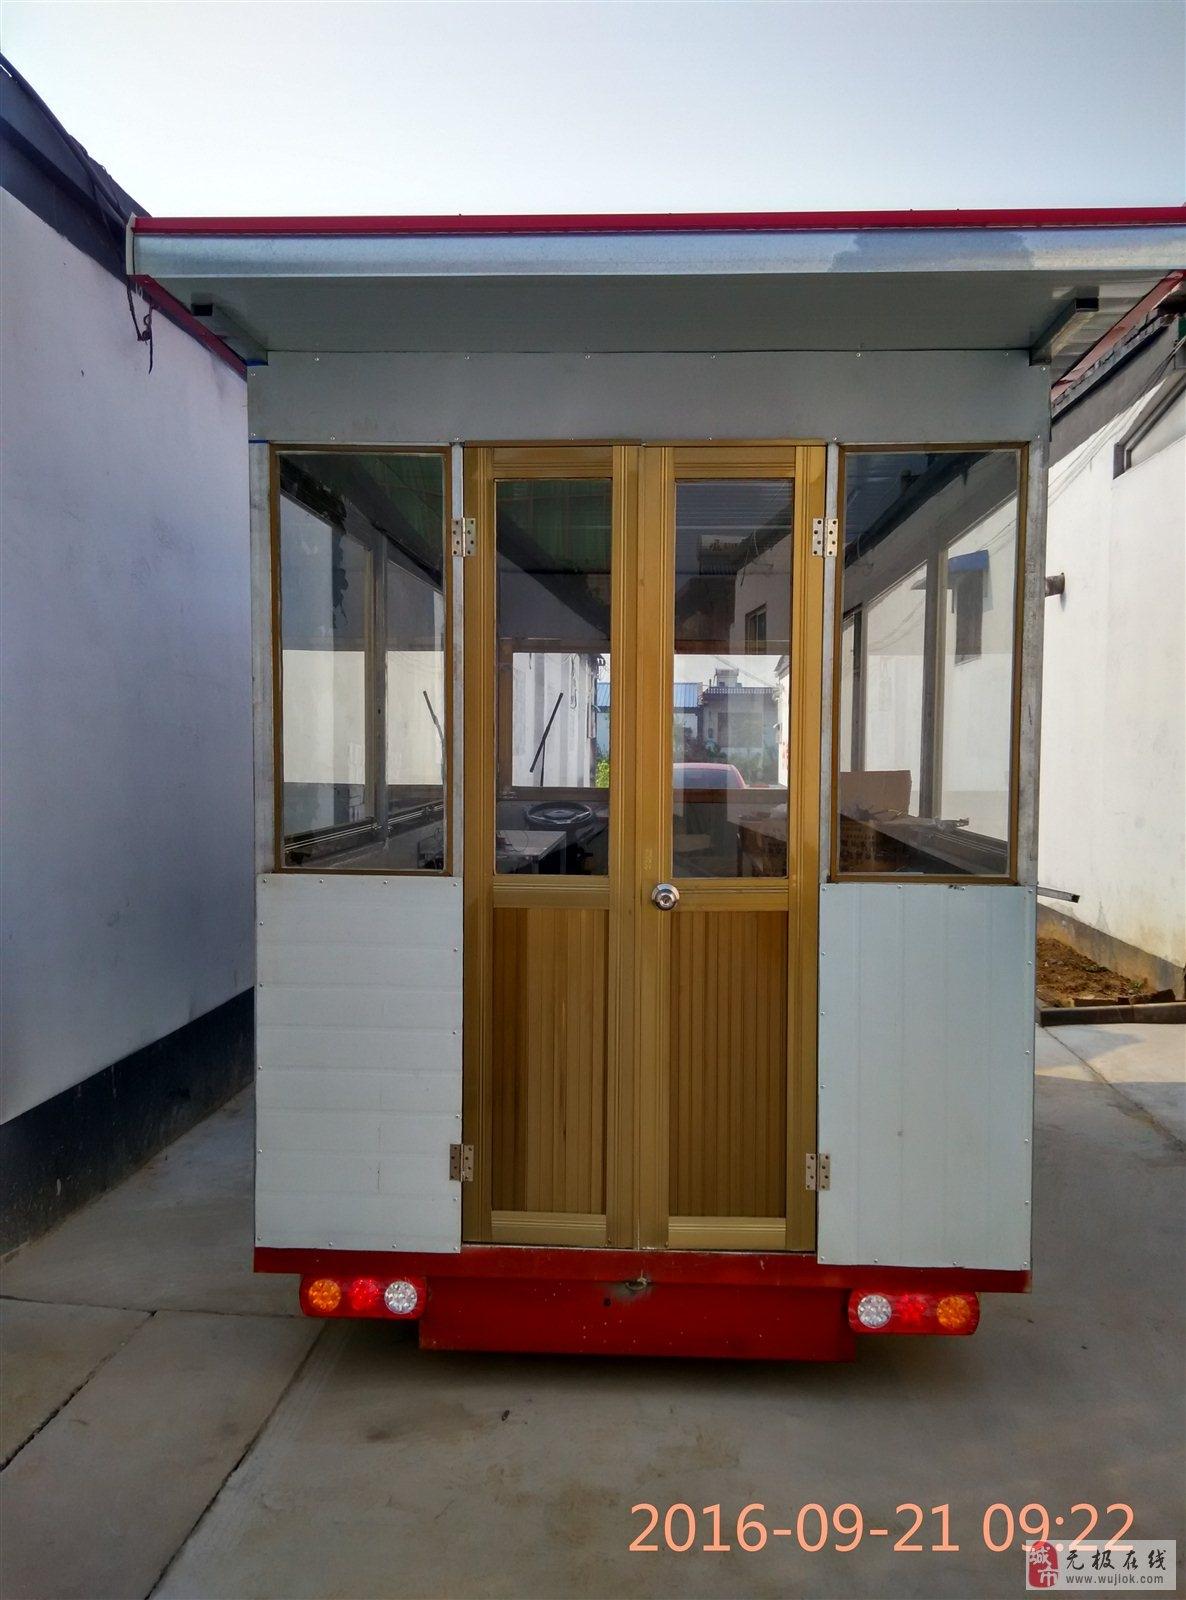 移動餐車定制長四米寬兩米